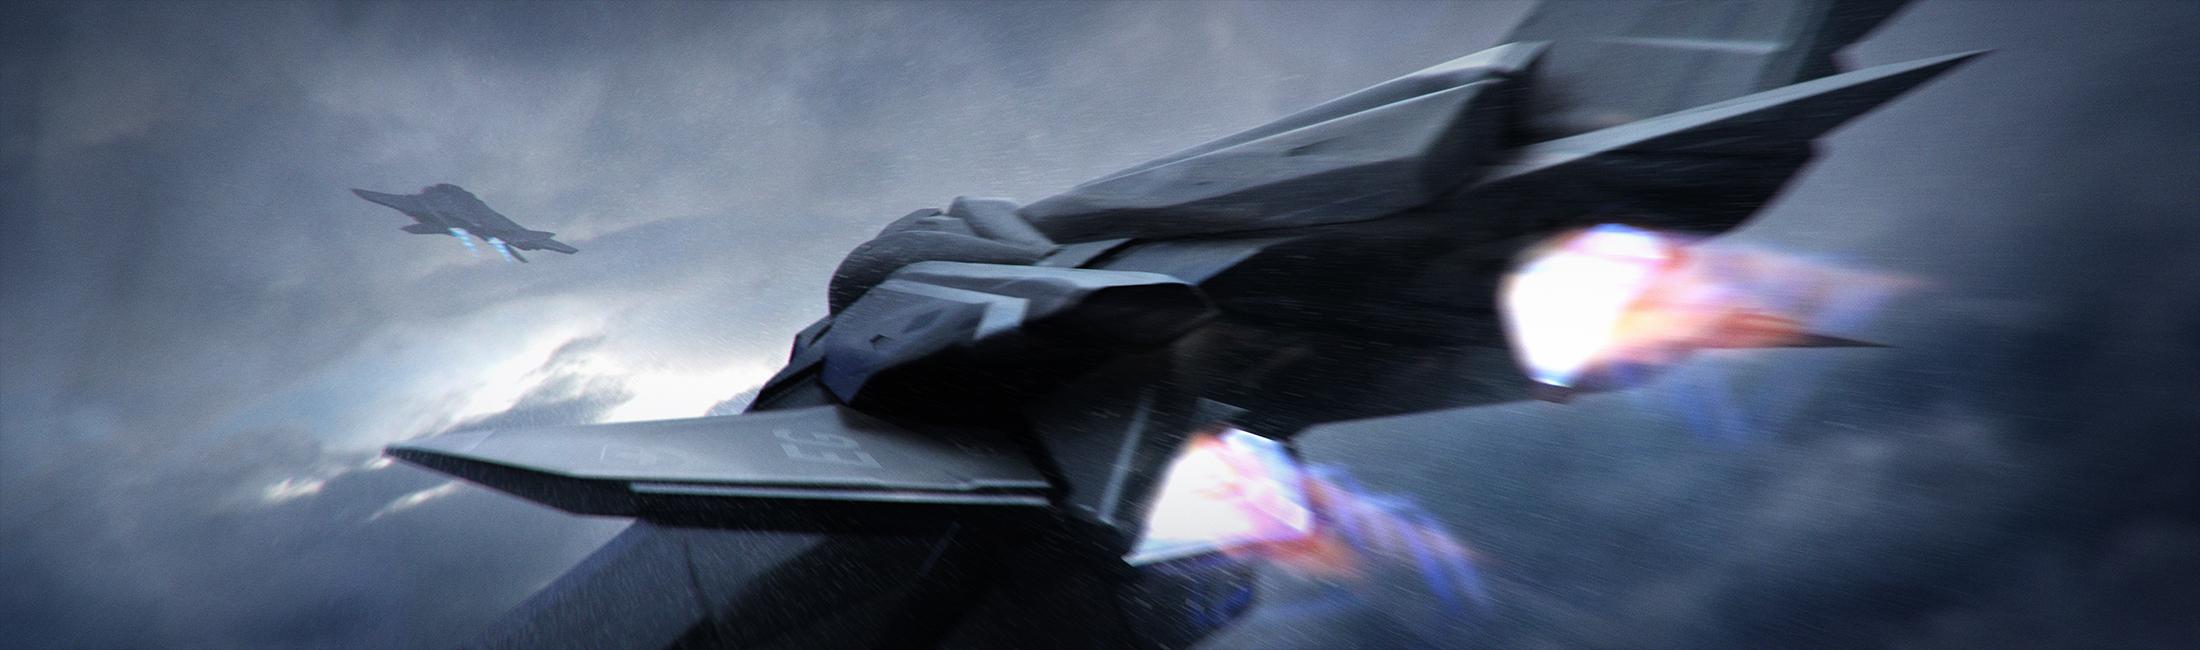 aircraft_concept_promo.jpg